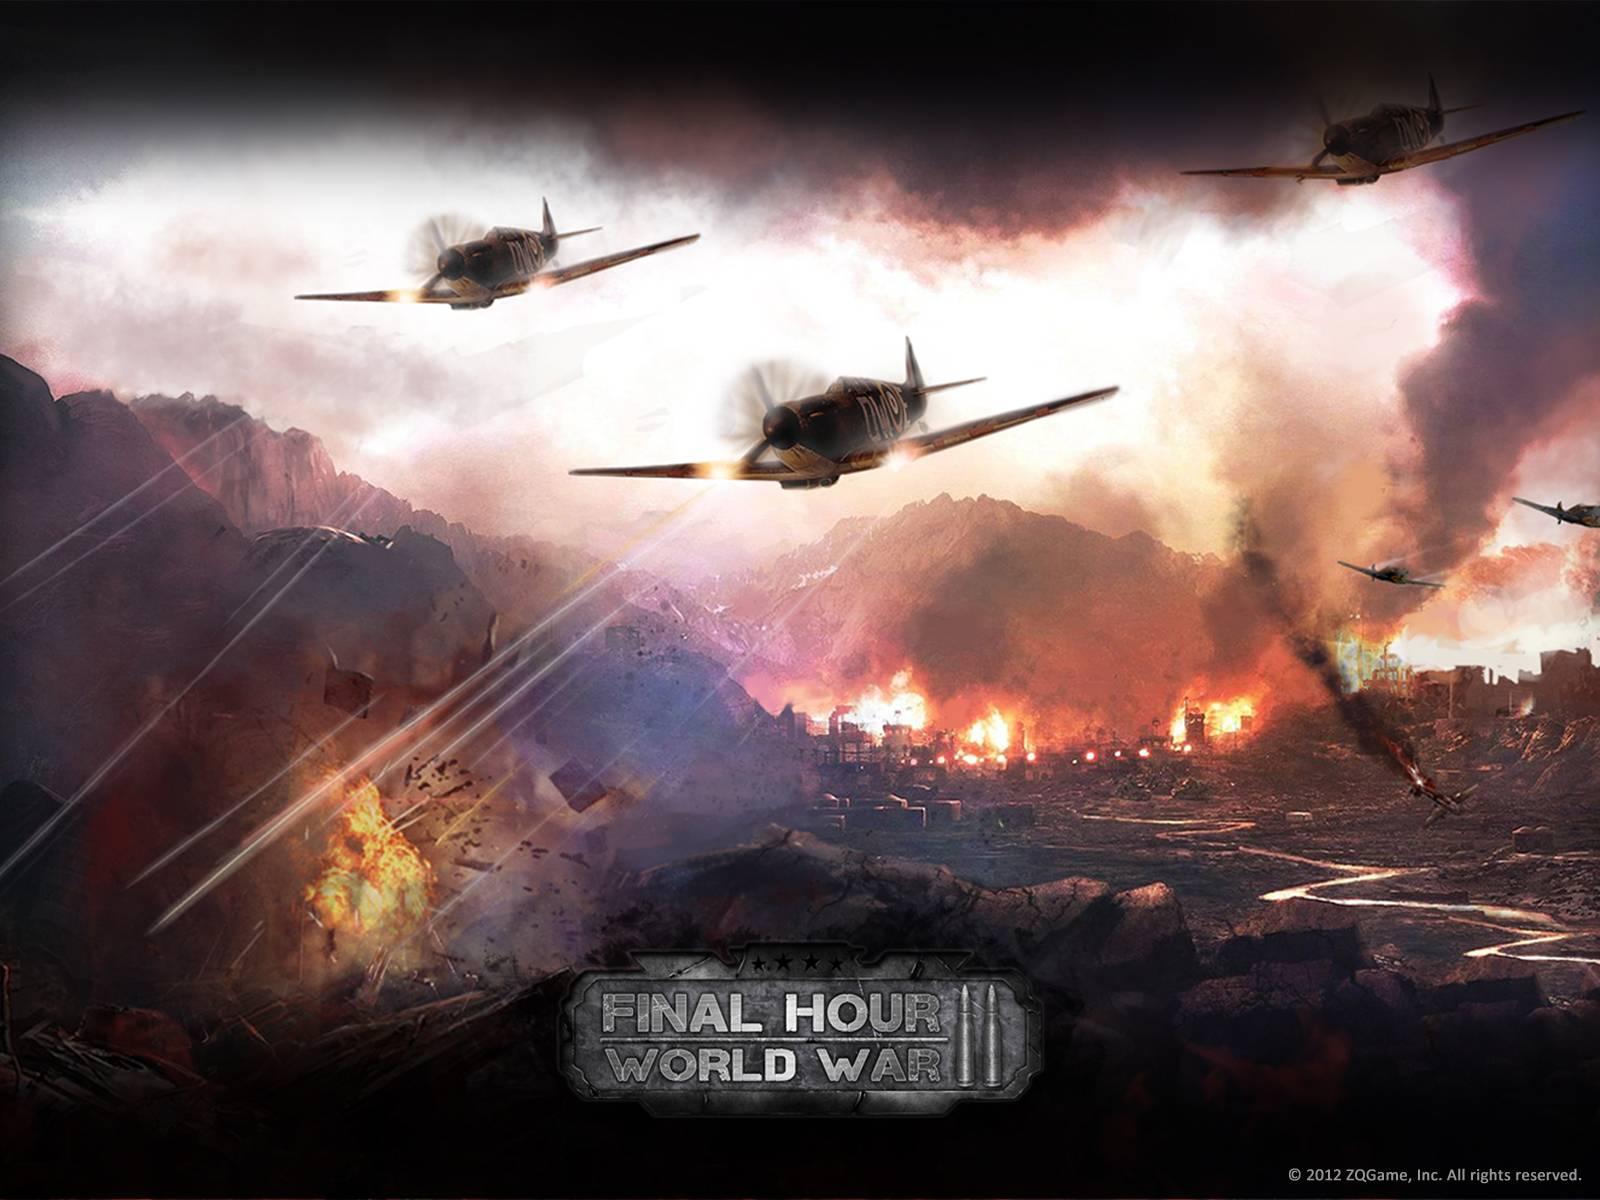 Imagenes de Final Hour World War II